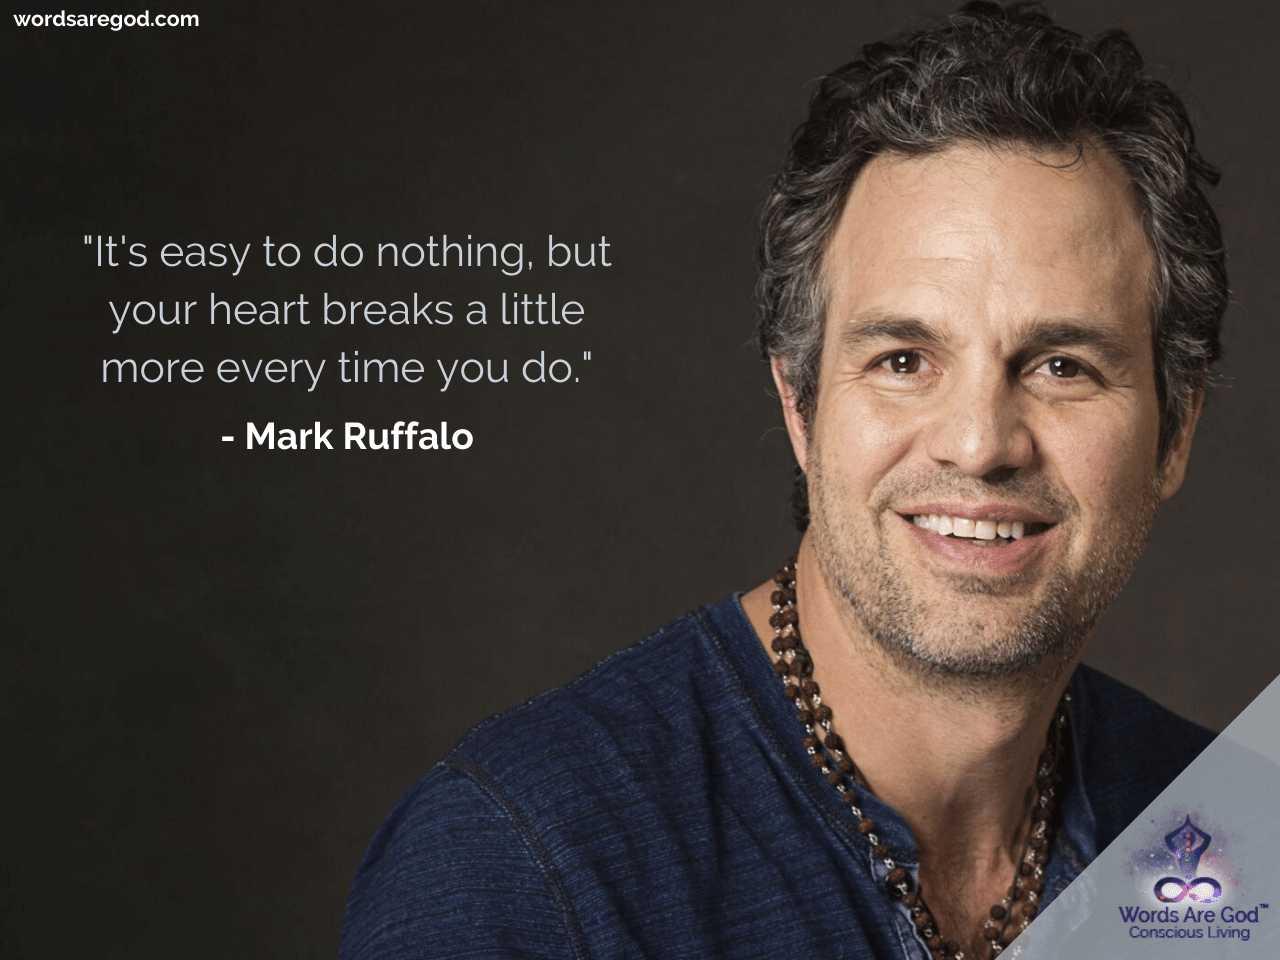 Mark Ruffalo Best Quotes by Mark Ruffalo